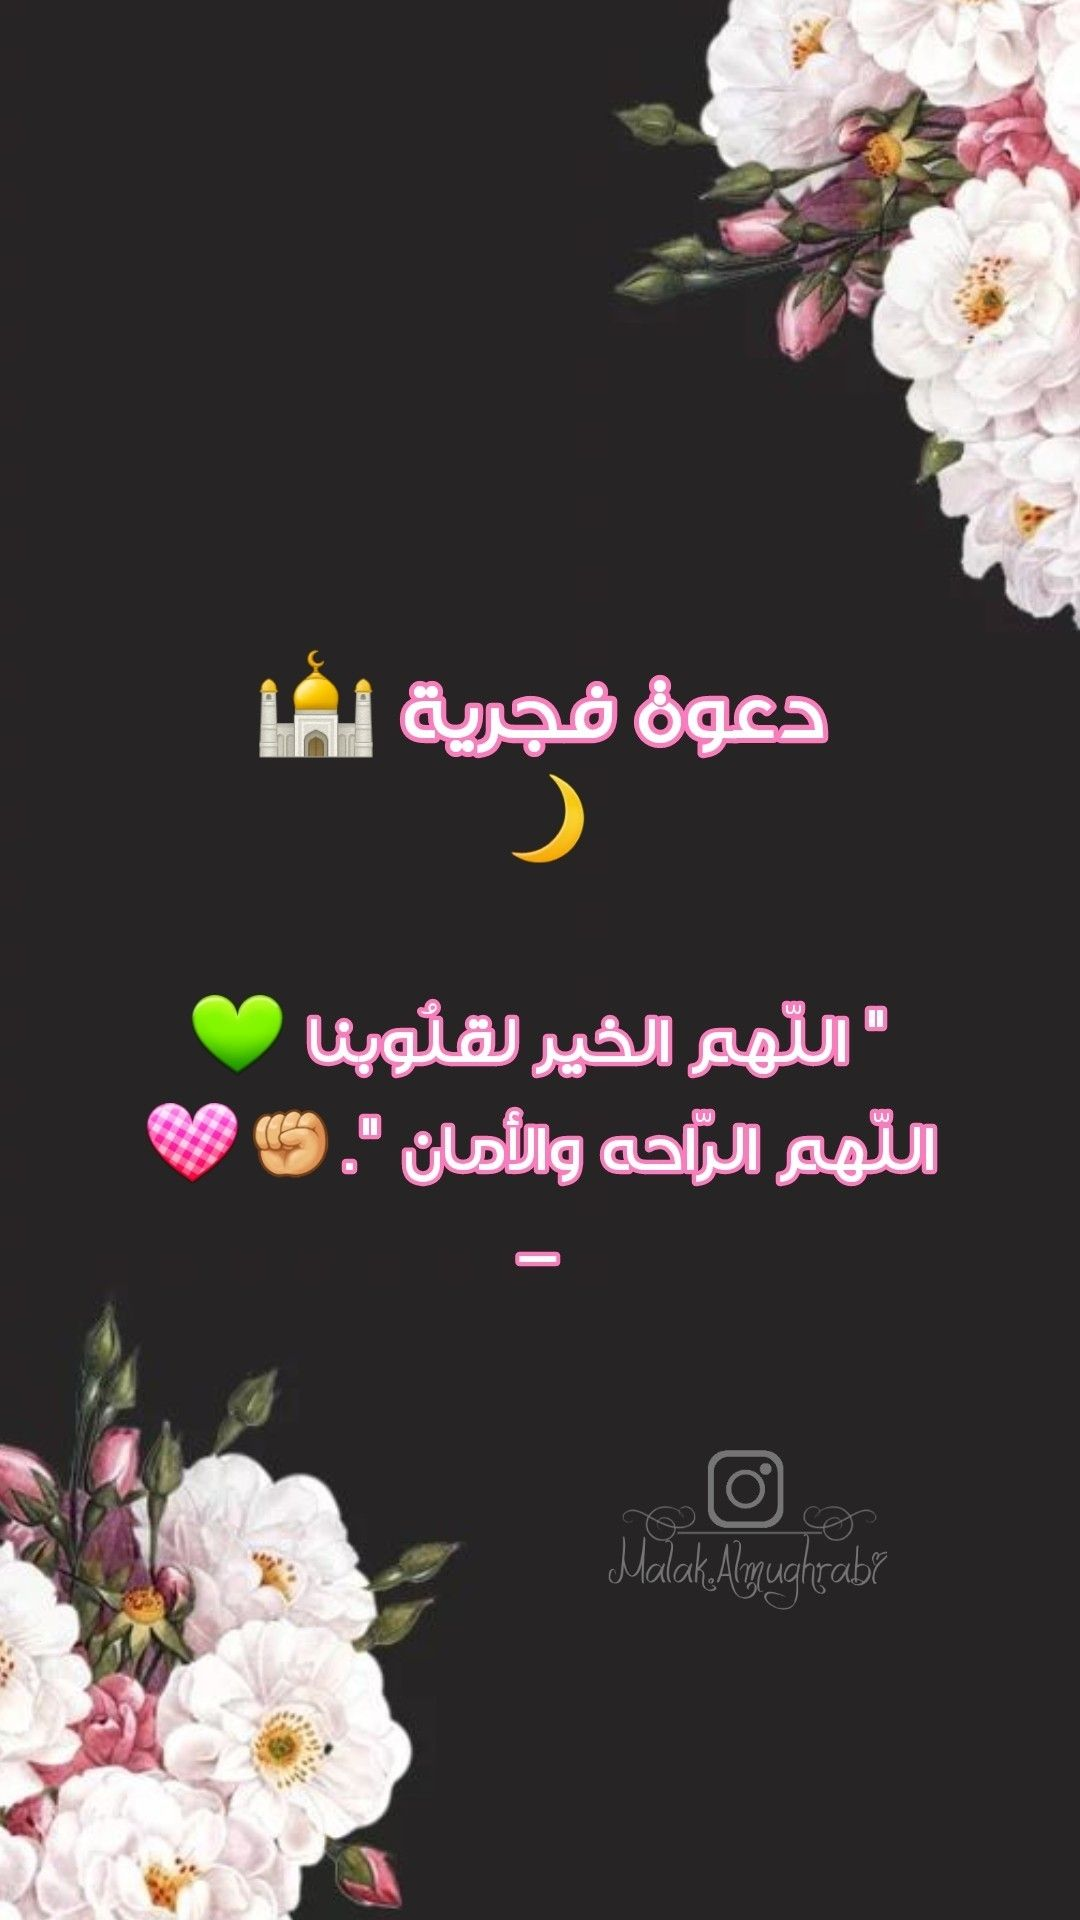 دعوة فجرية الل هم الخير لقل وبنا الل هم الر احه والأمان Muslim Ramadan Ramadan Arabic Quotes